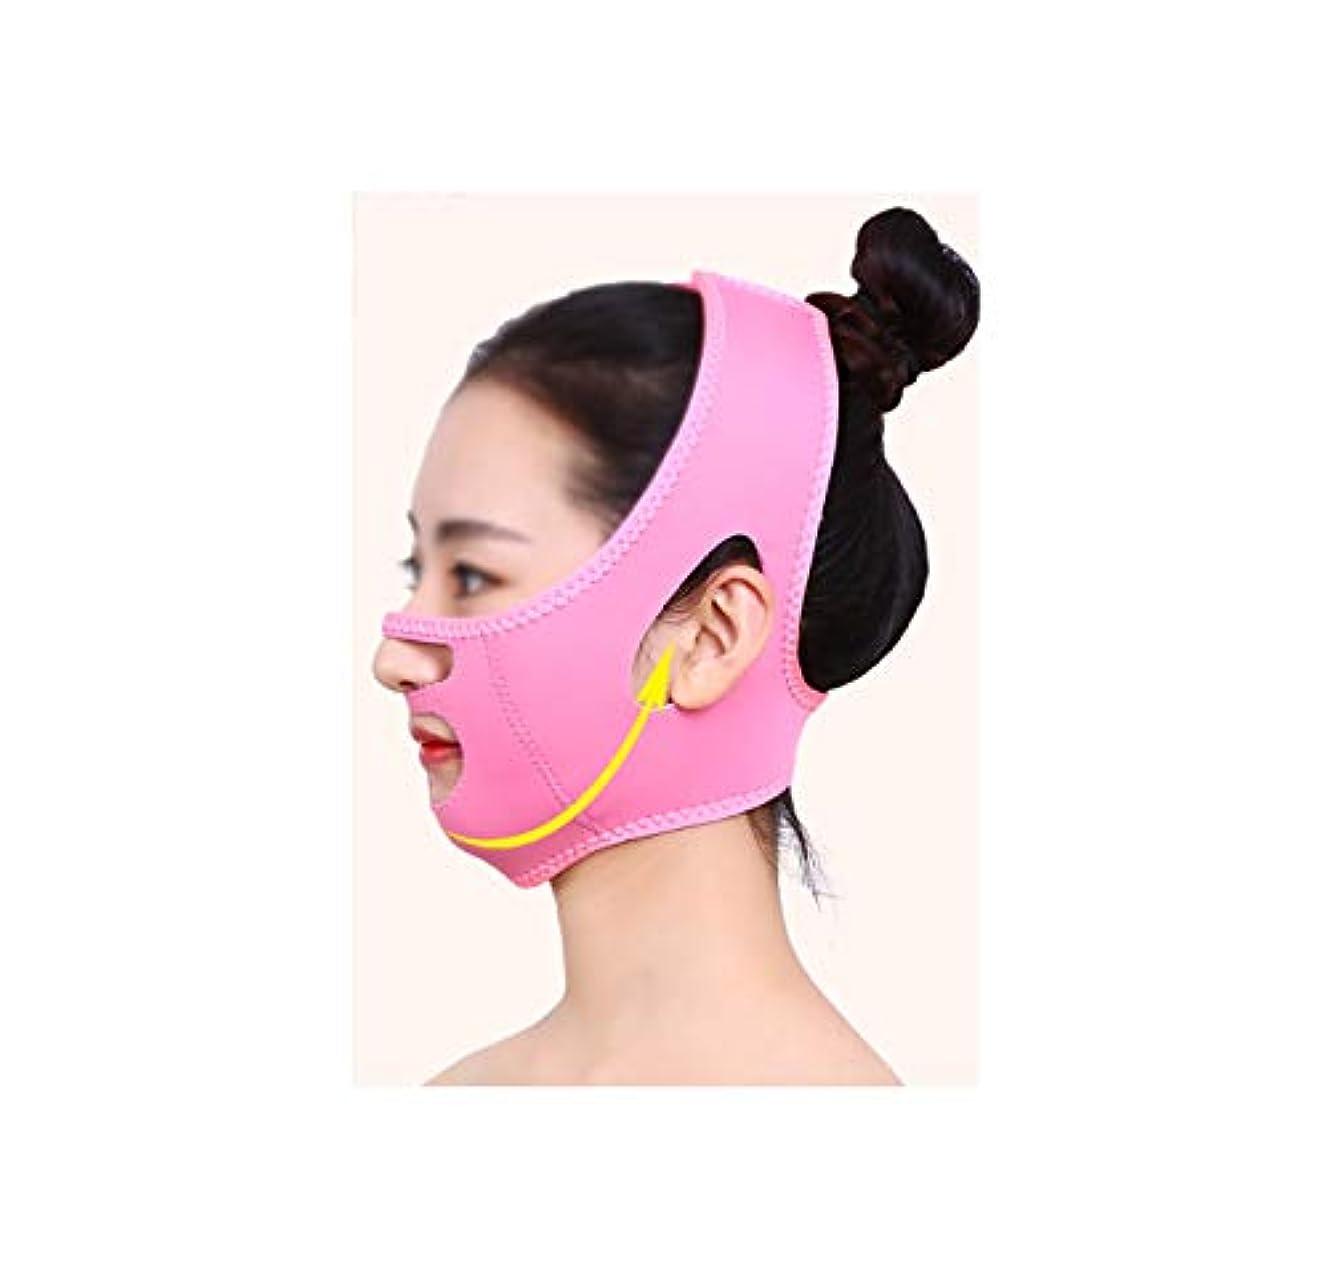 ハッチ乱暴な読書をするGLJJQMY 薄い顔マスクマスク顔機美容機器ローラー顔薄い顔Vフェイスマスク二重あご包帯アーティファクト 顔用整形マスク